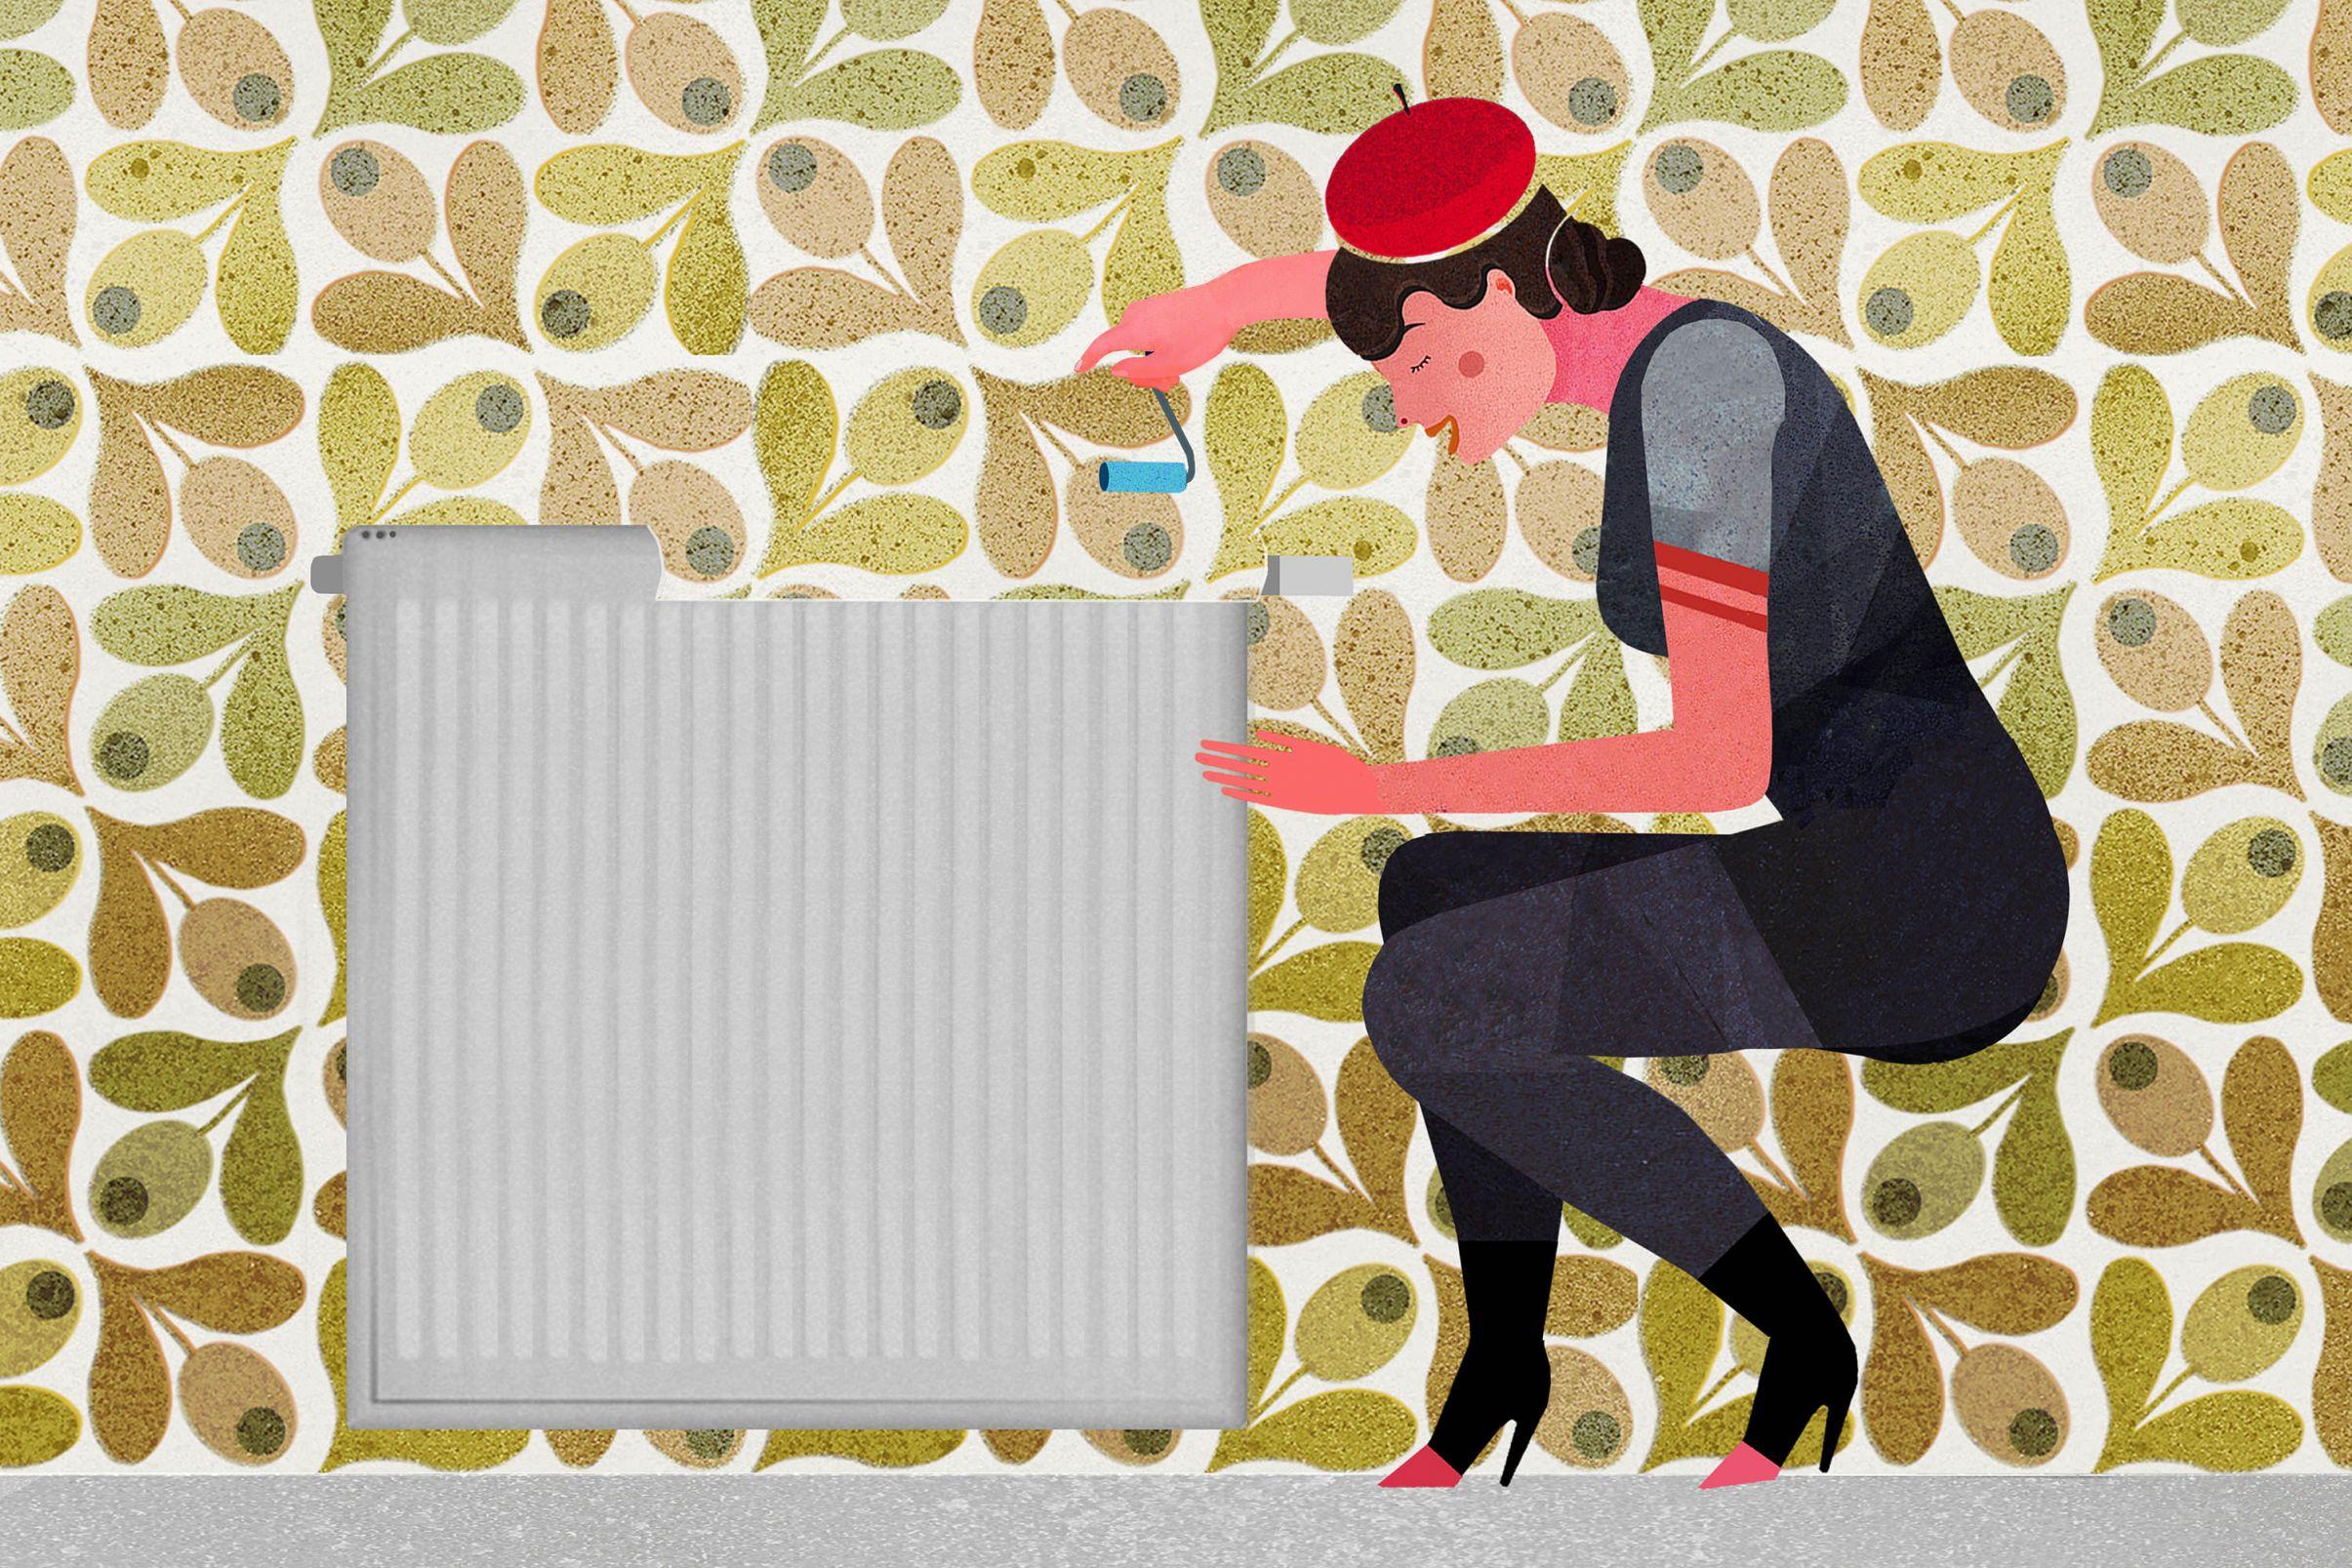 Como-colocar-papel-de-parede-atras-de-aquecedores-Colocar-papel-de-parede-nas-margens-do-aquecedor